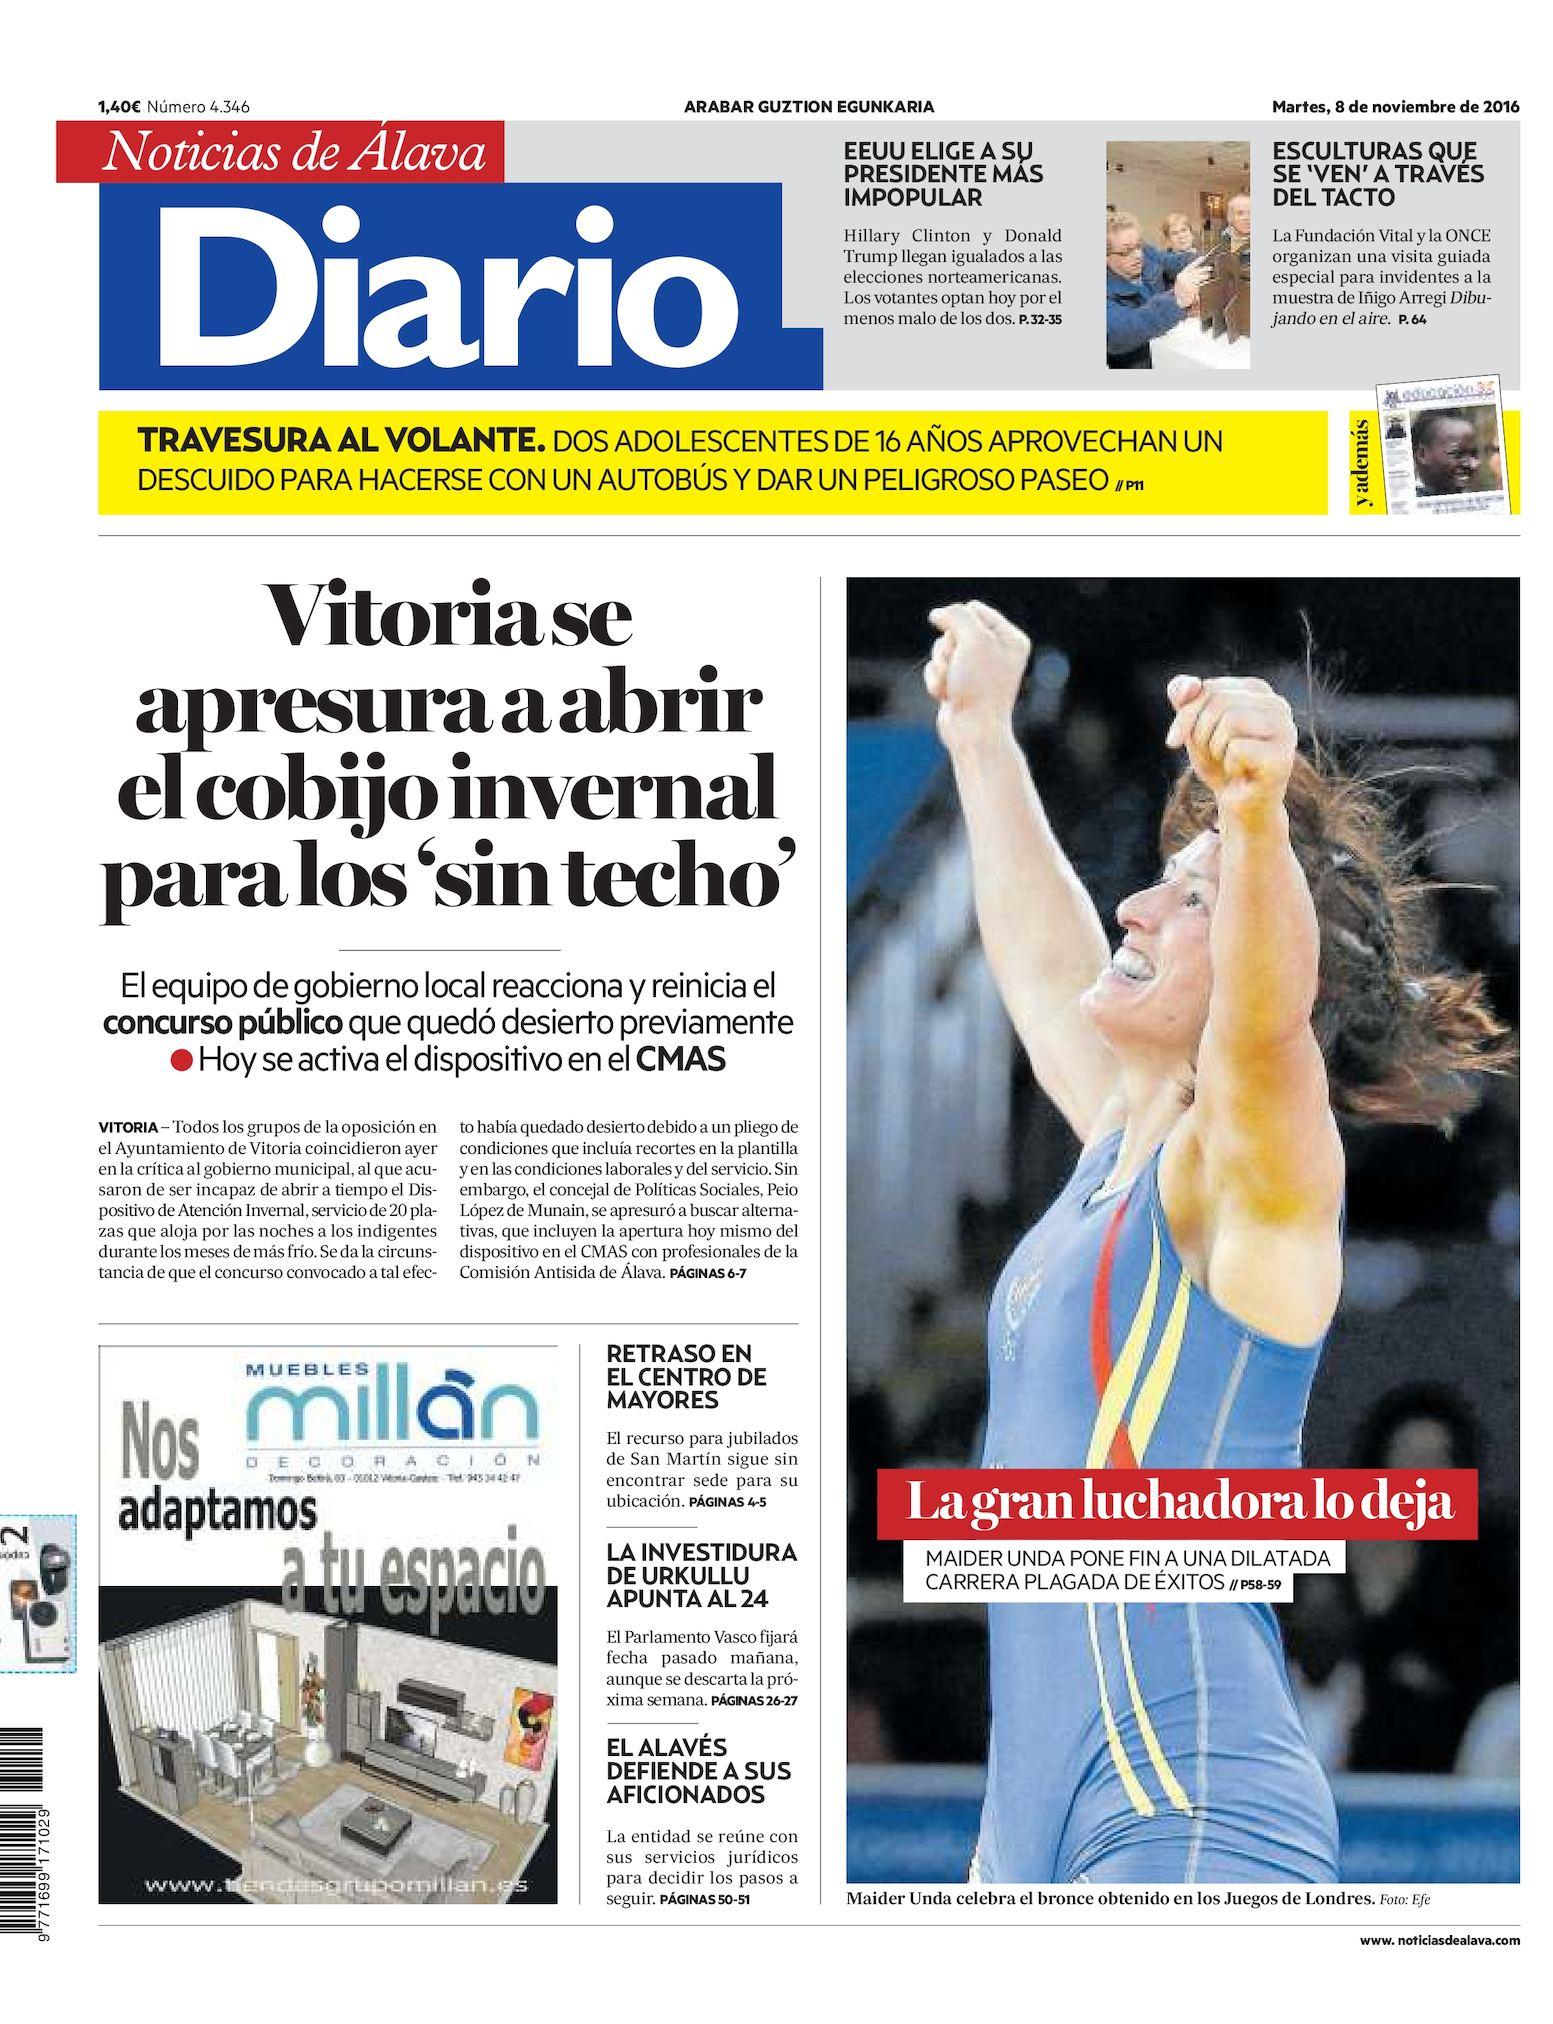 e9a8fedd01 Calaméo - Diario de Noticias de Álava 20161108